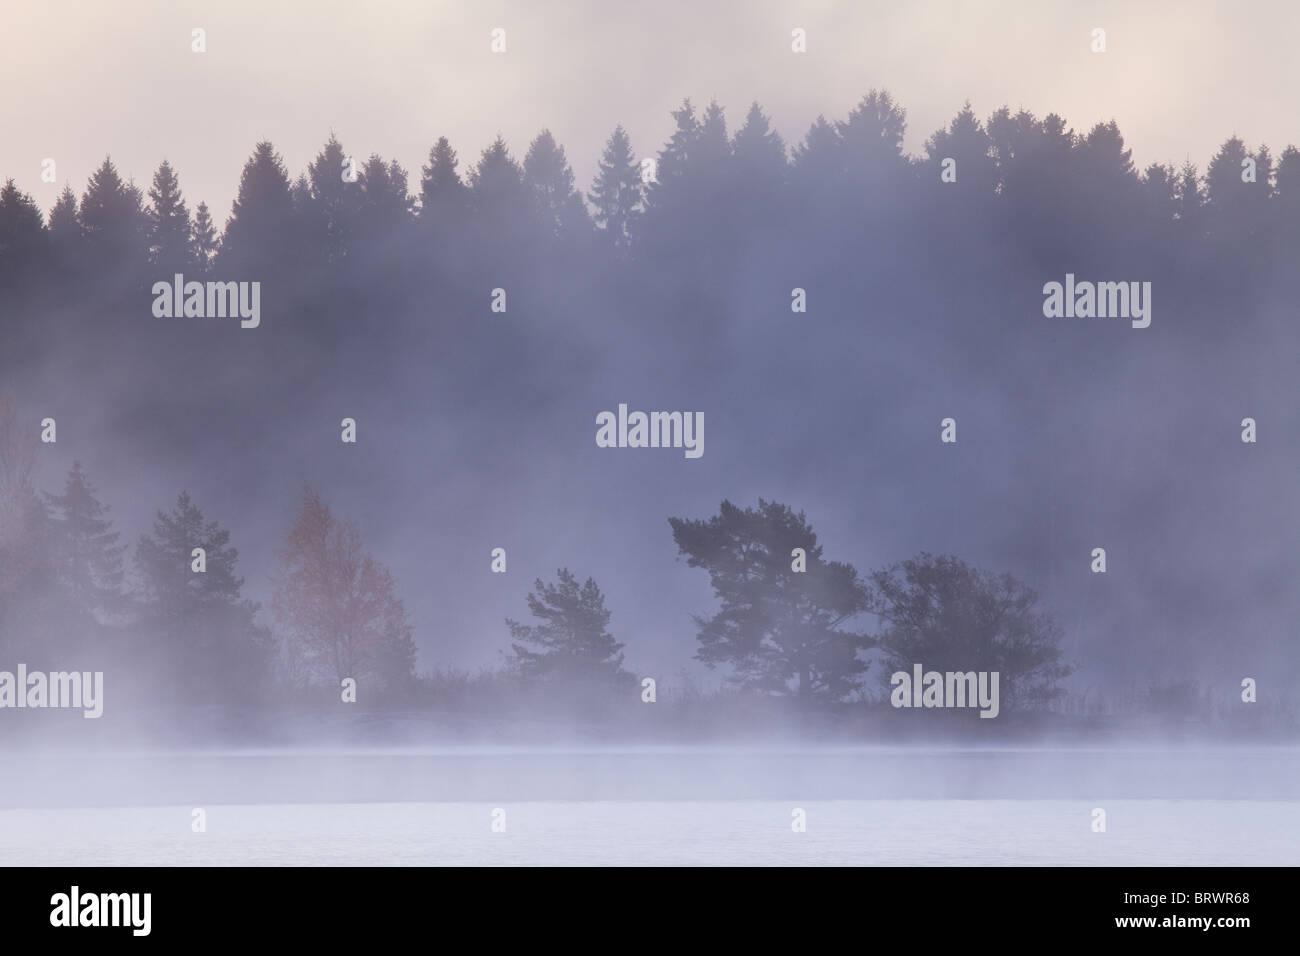 Niebla por la mañana temprano después de una helada noche de octubre en el lago, Østfold Vansjø fylke, Noruega. Foto de stock